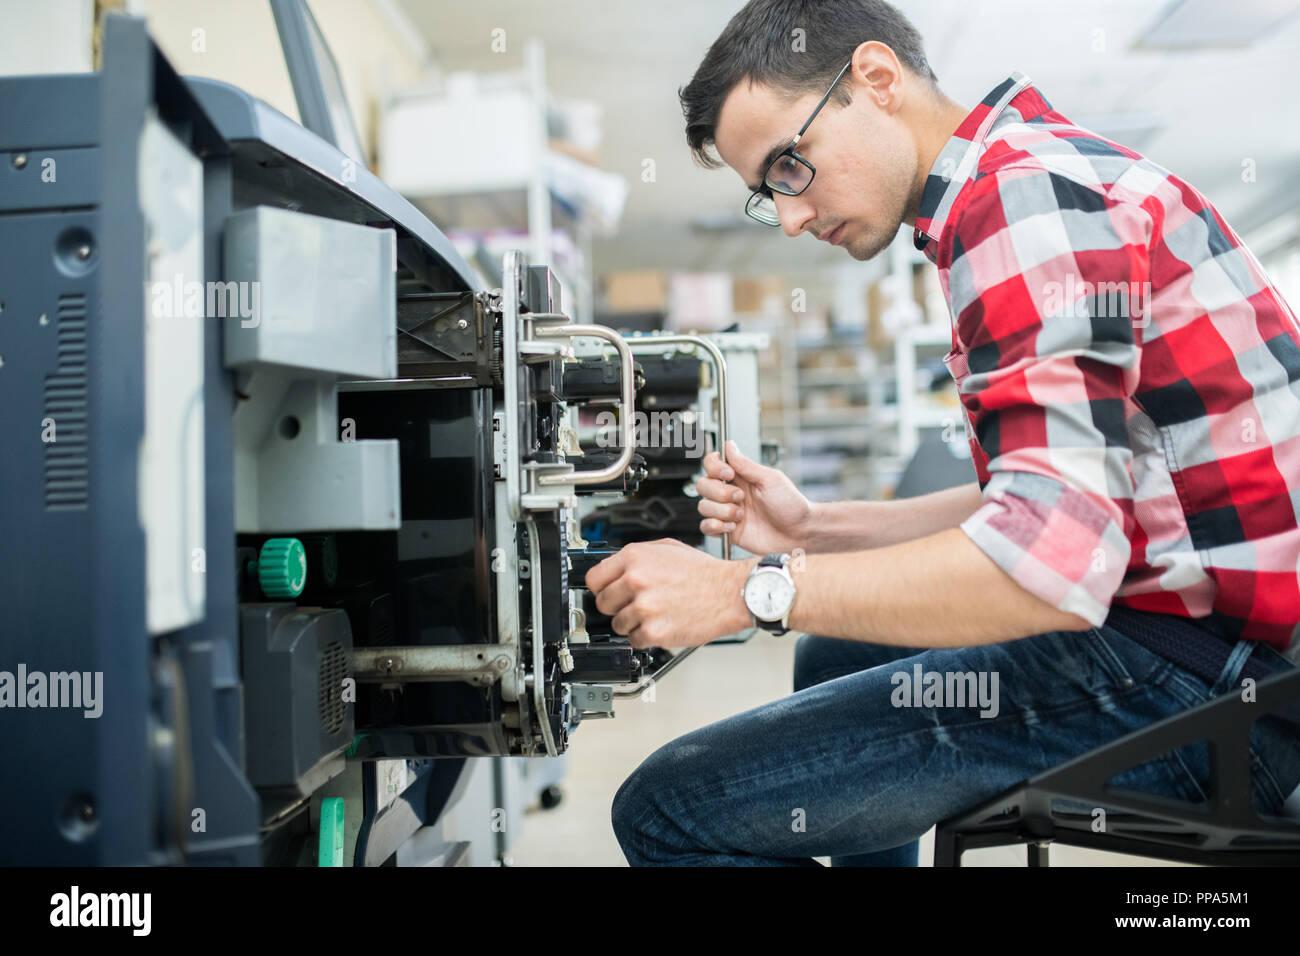 Uomo informale lavora con macchina da stampa Immagini Stock